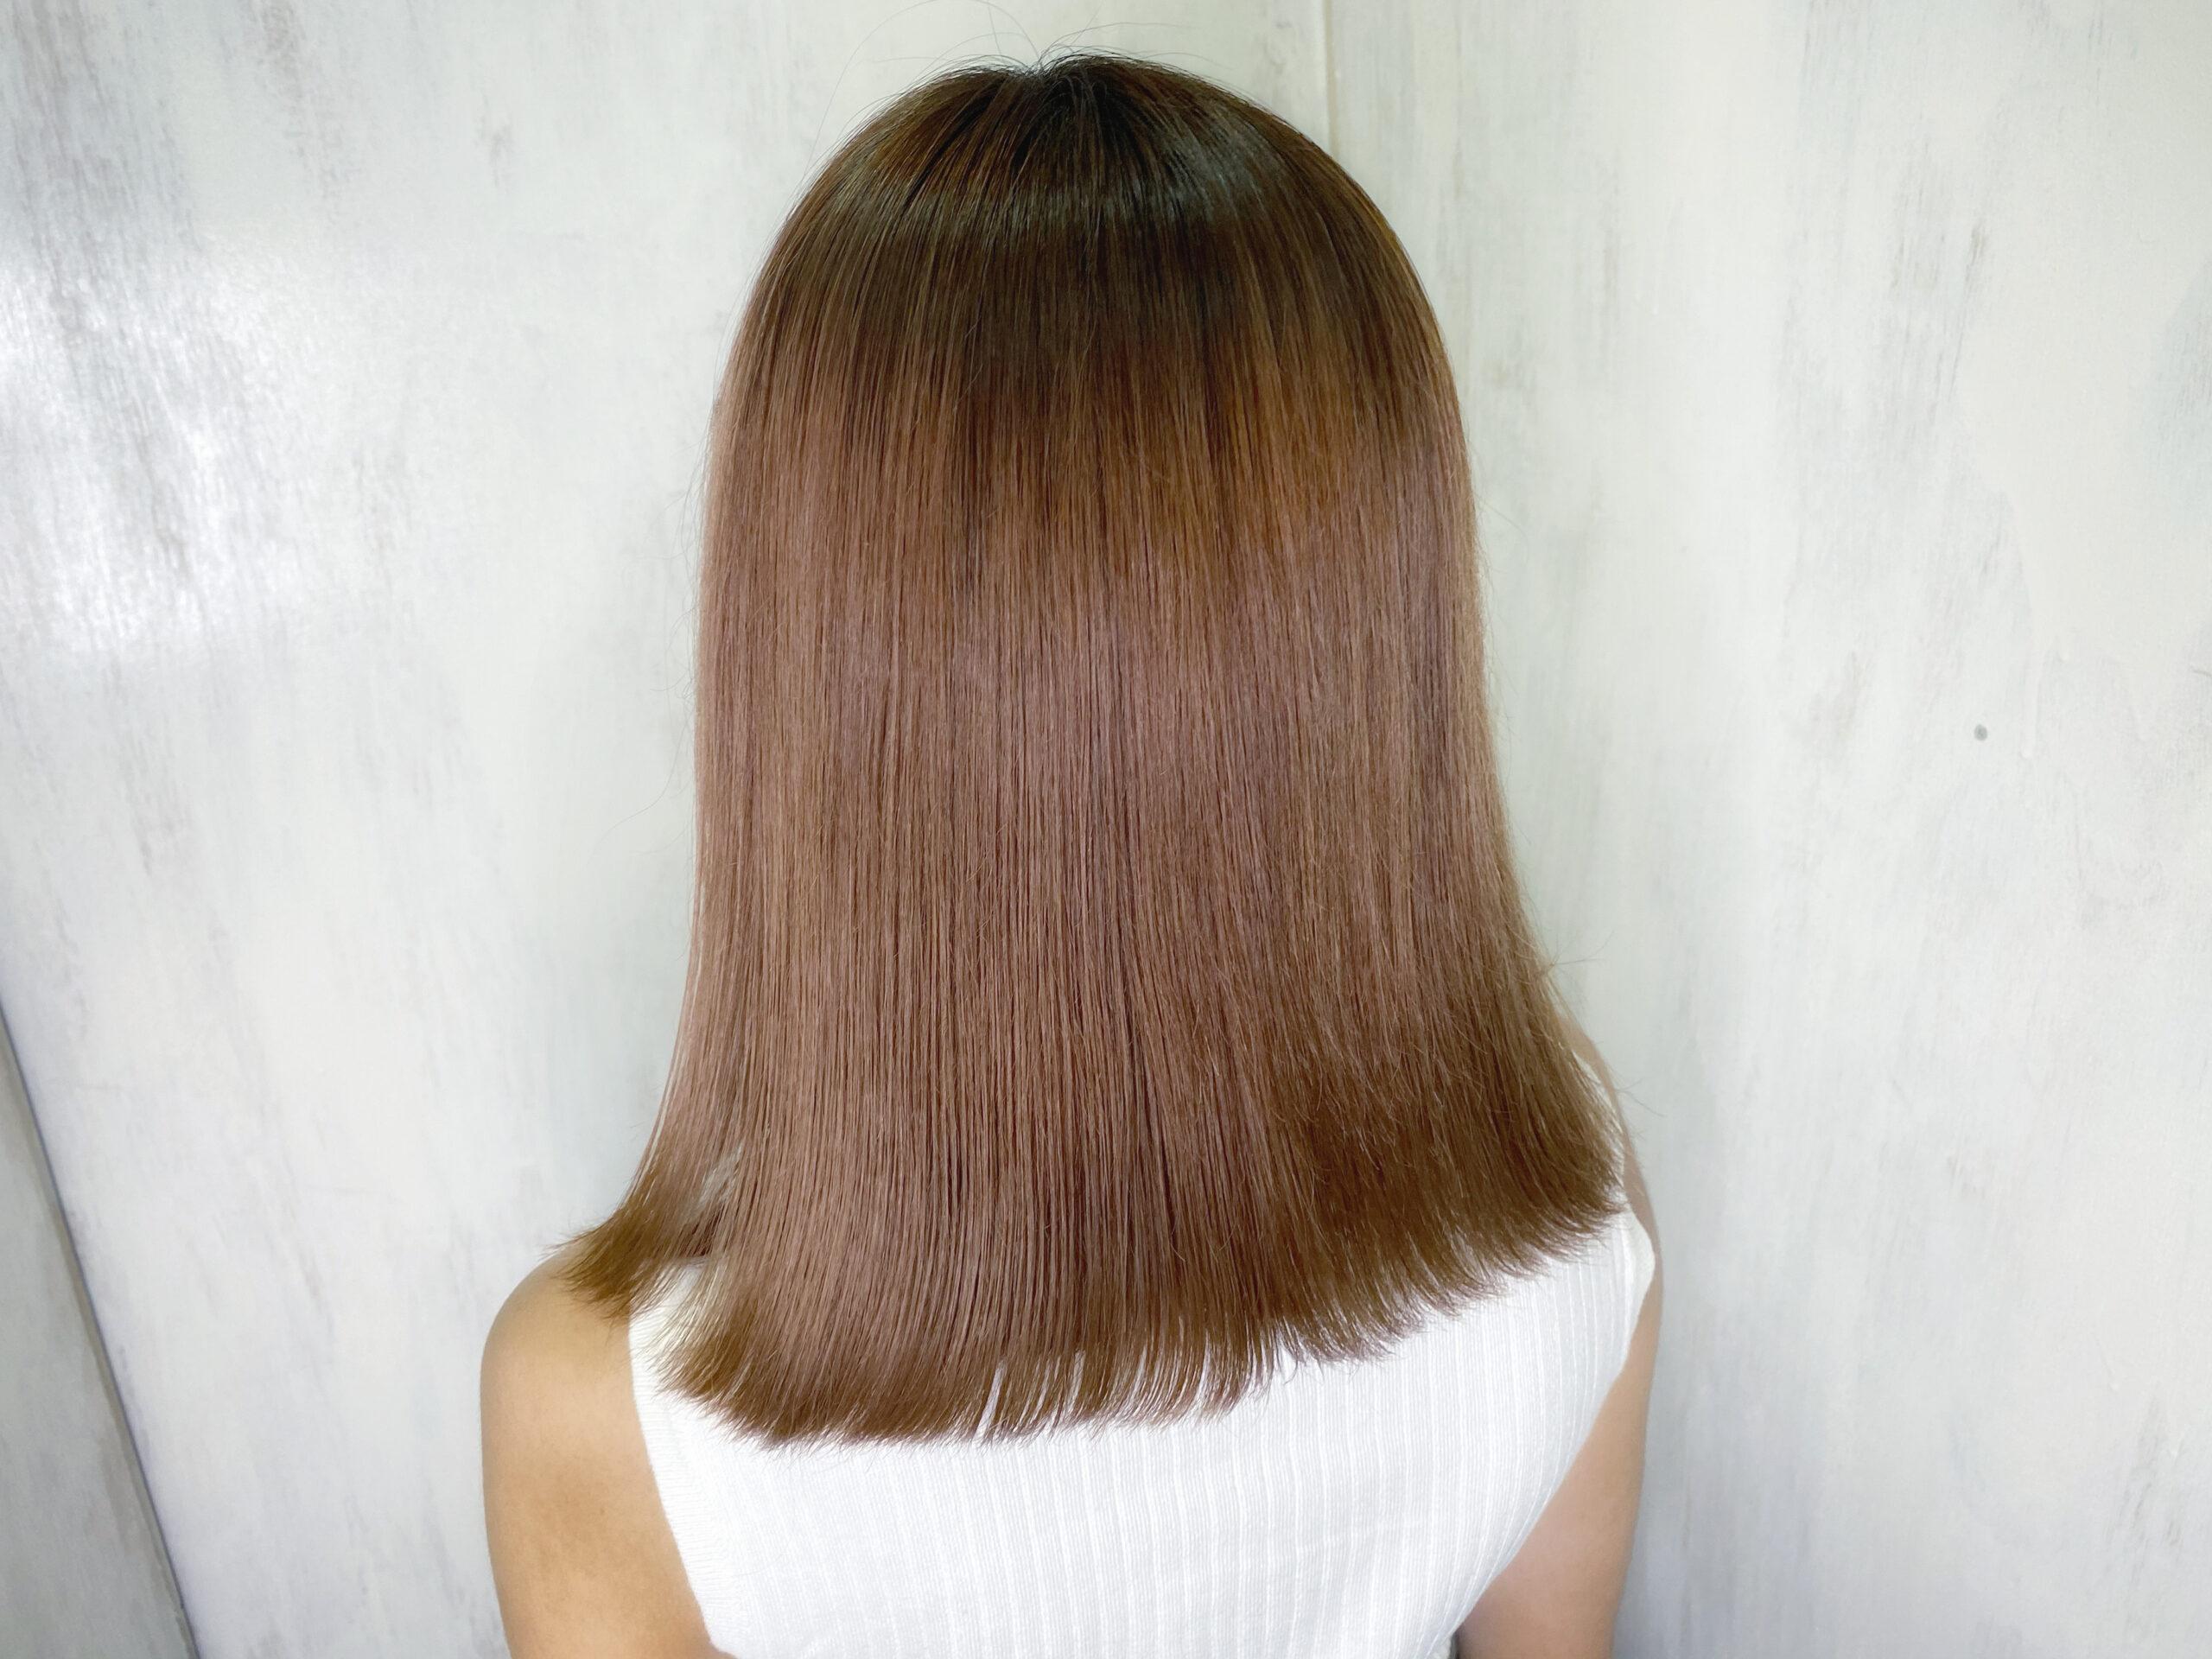 ブリーチを数回されている方の縮毛矯正でつやっつやの艶髪ストレートヘア。原宿・表参道『髪のお悩みを解決するヘアケア美容師の挑戦』